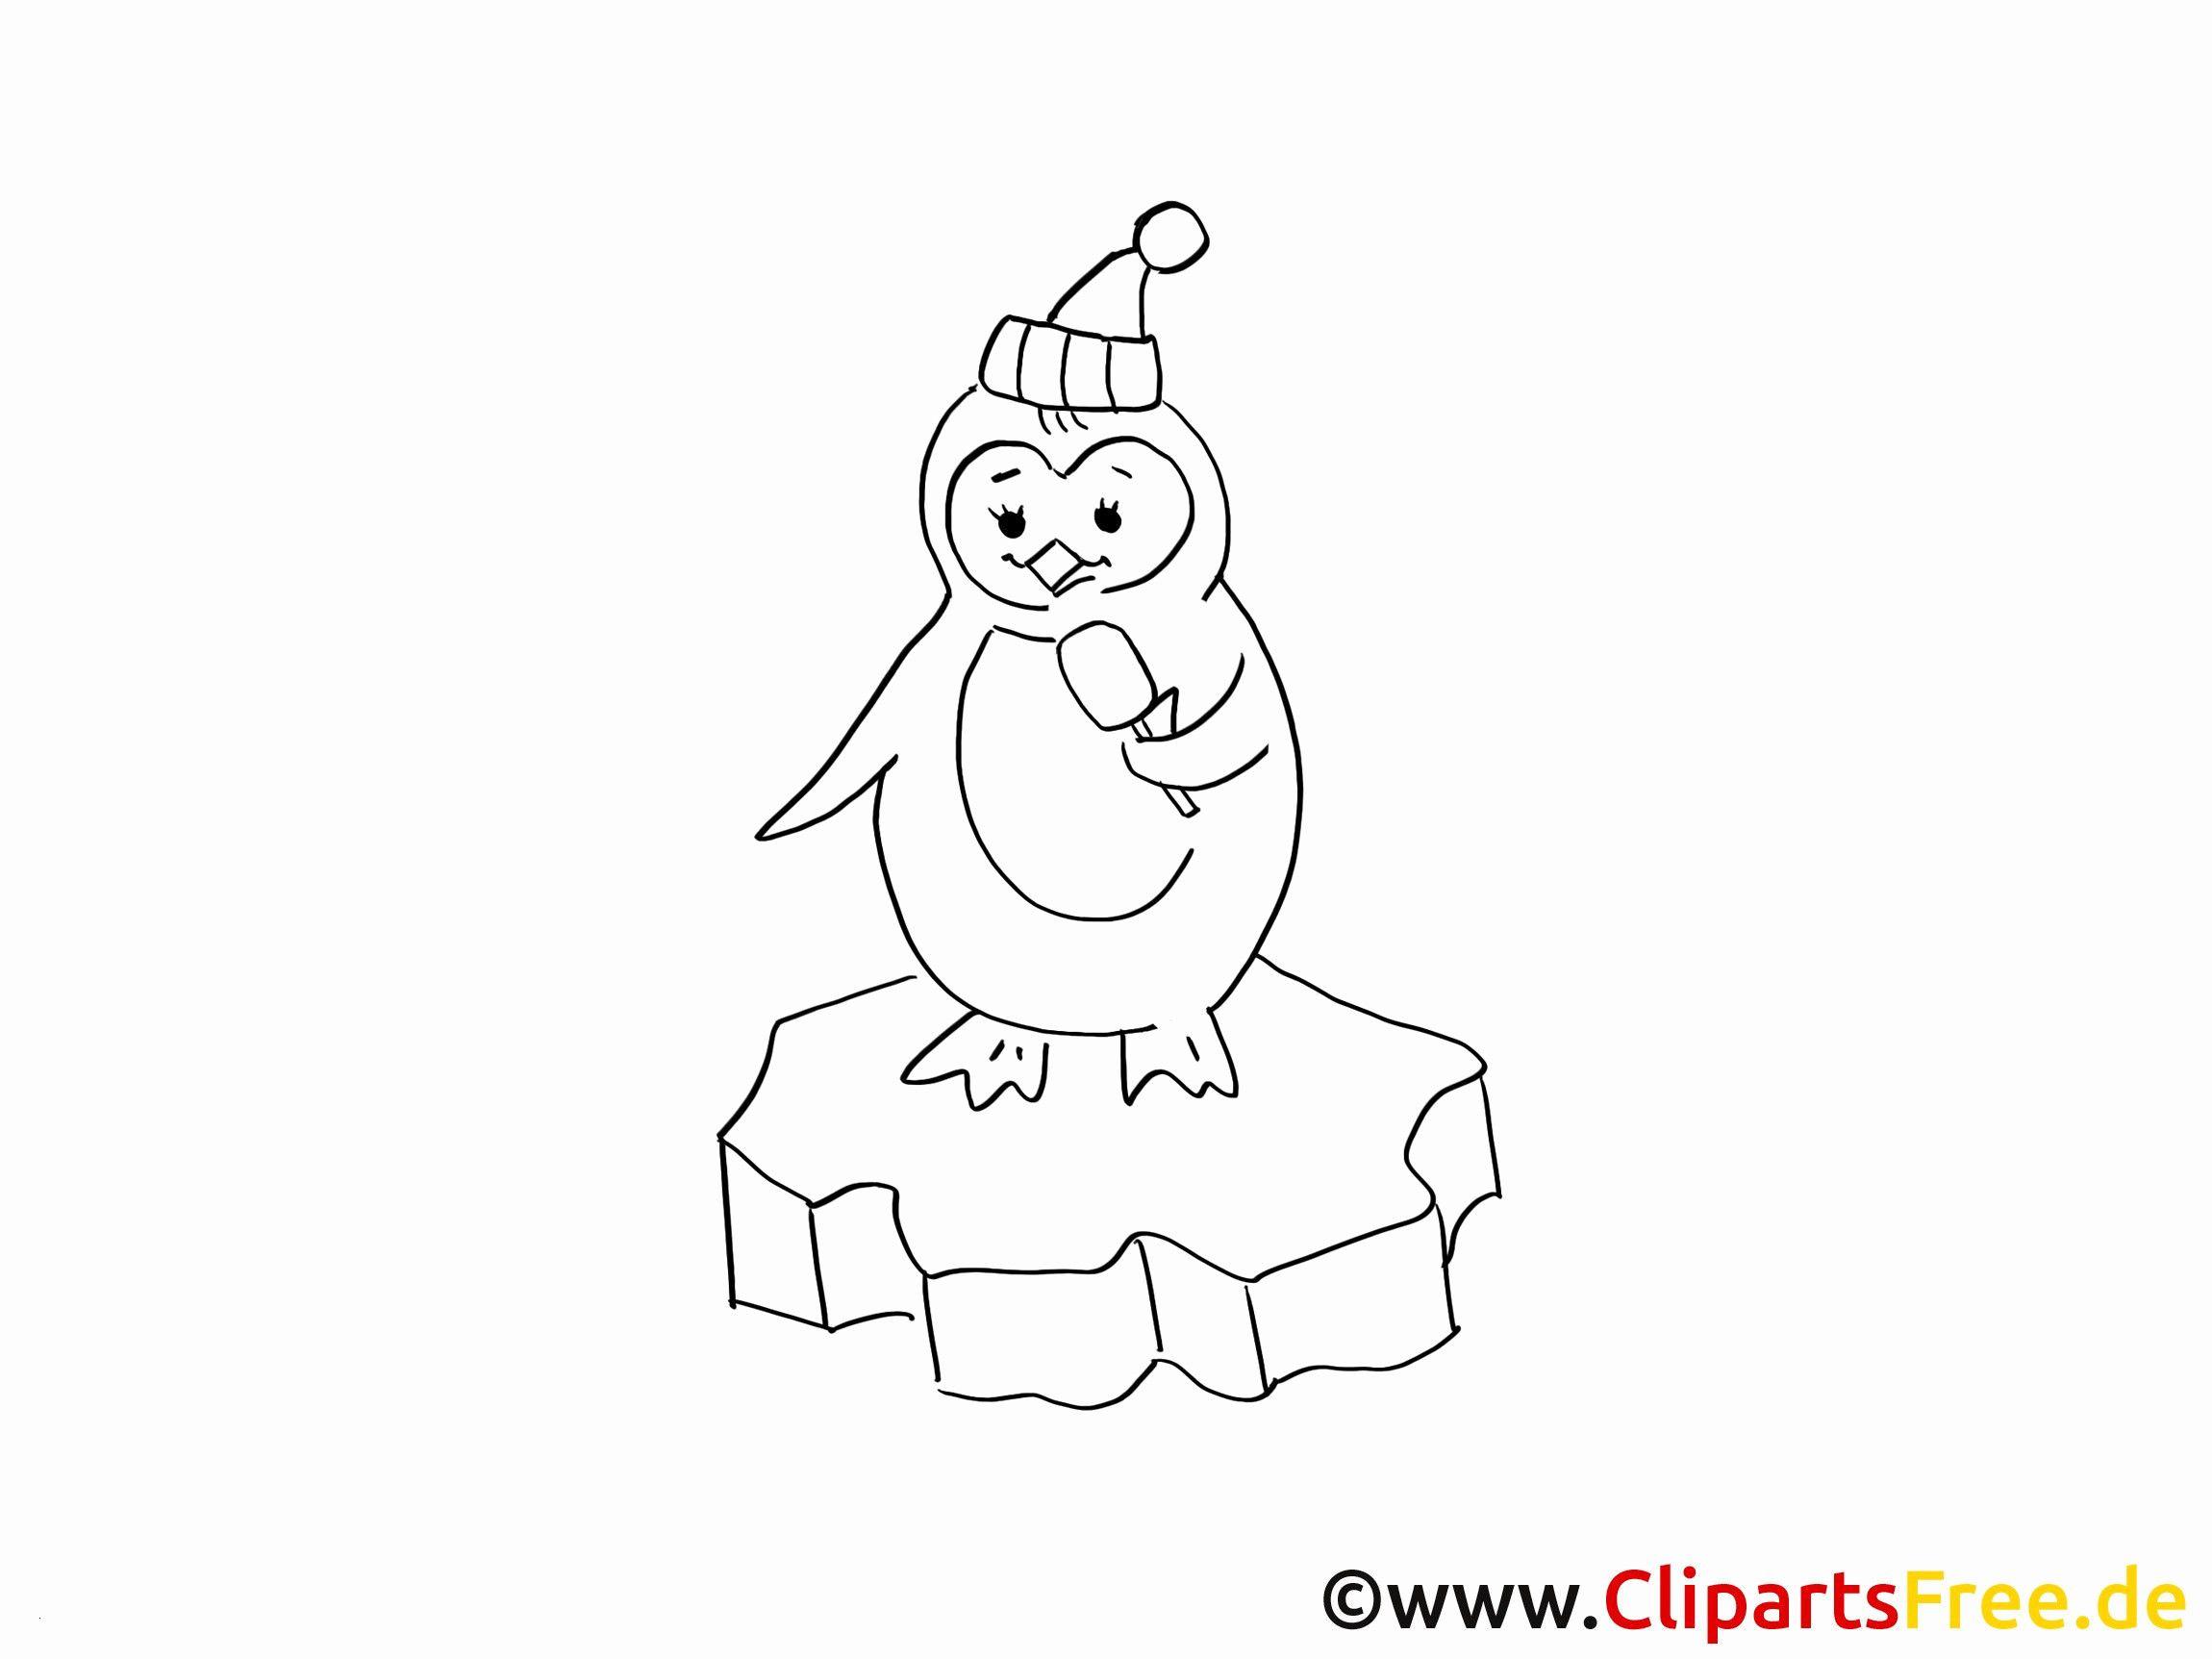 Ausmalbilder Weihnachten Advent Produktfotos Sammlung Von Ausmalbilder Kostenlos Weihnachten Malvorlagen W In 2020 Ausmalbilder Ausmalbilder Zum Ausdrucken Ausmalen